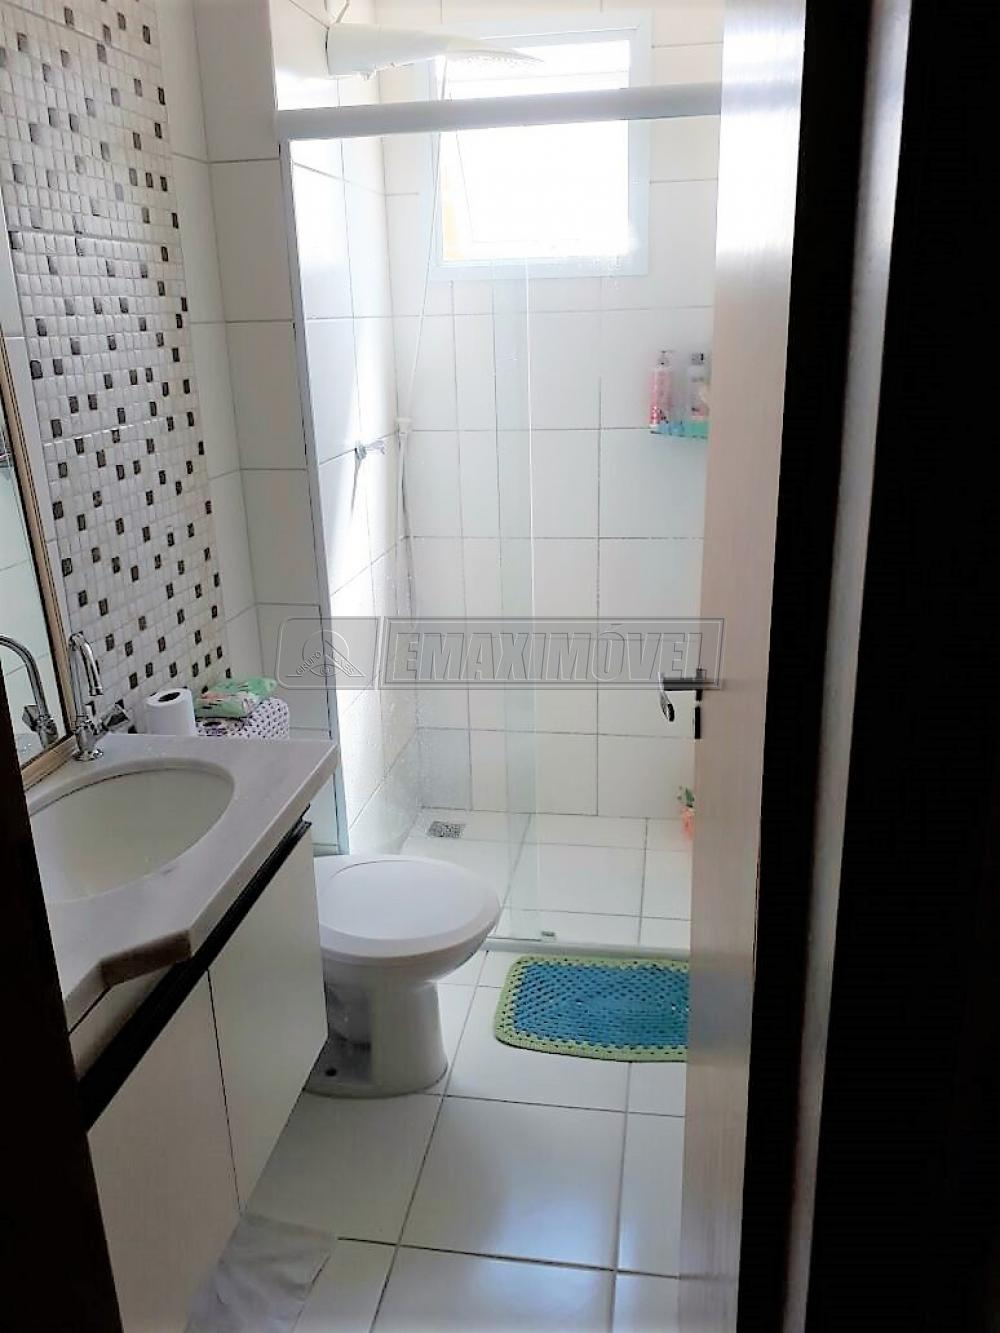 Comprar Apartamentos / Apto Padrão em Sorocaba apenas R$ 220.000,00 - Foto 8